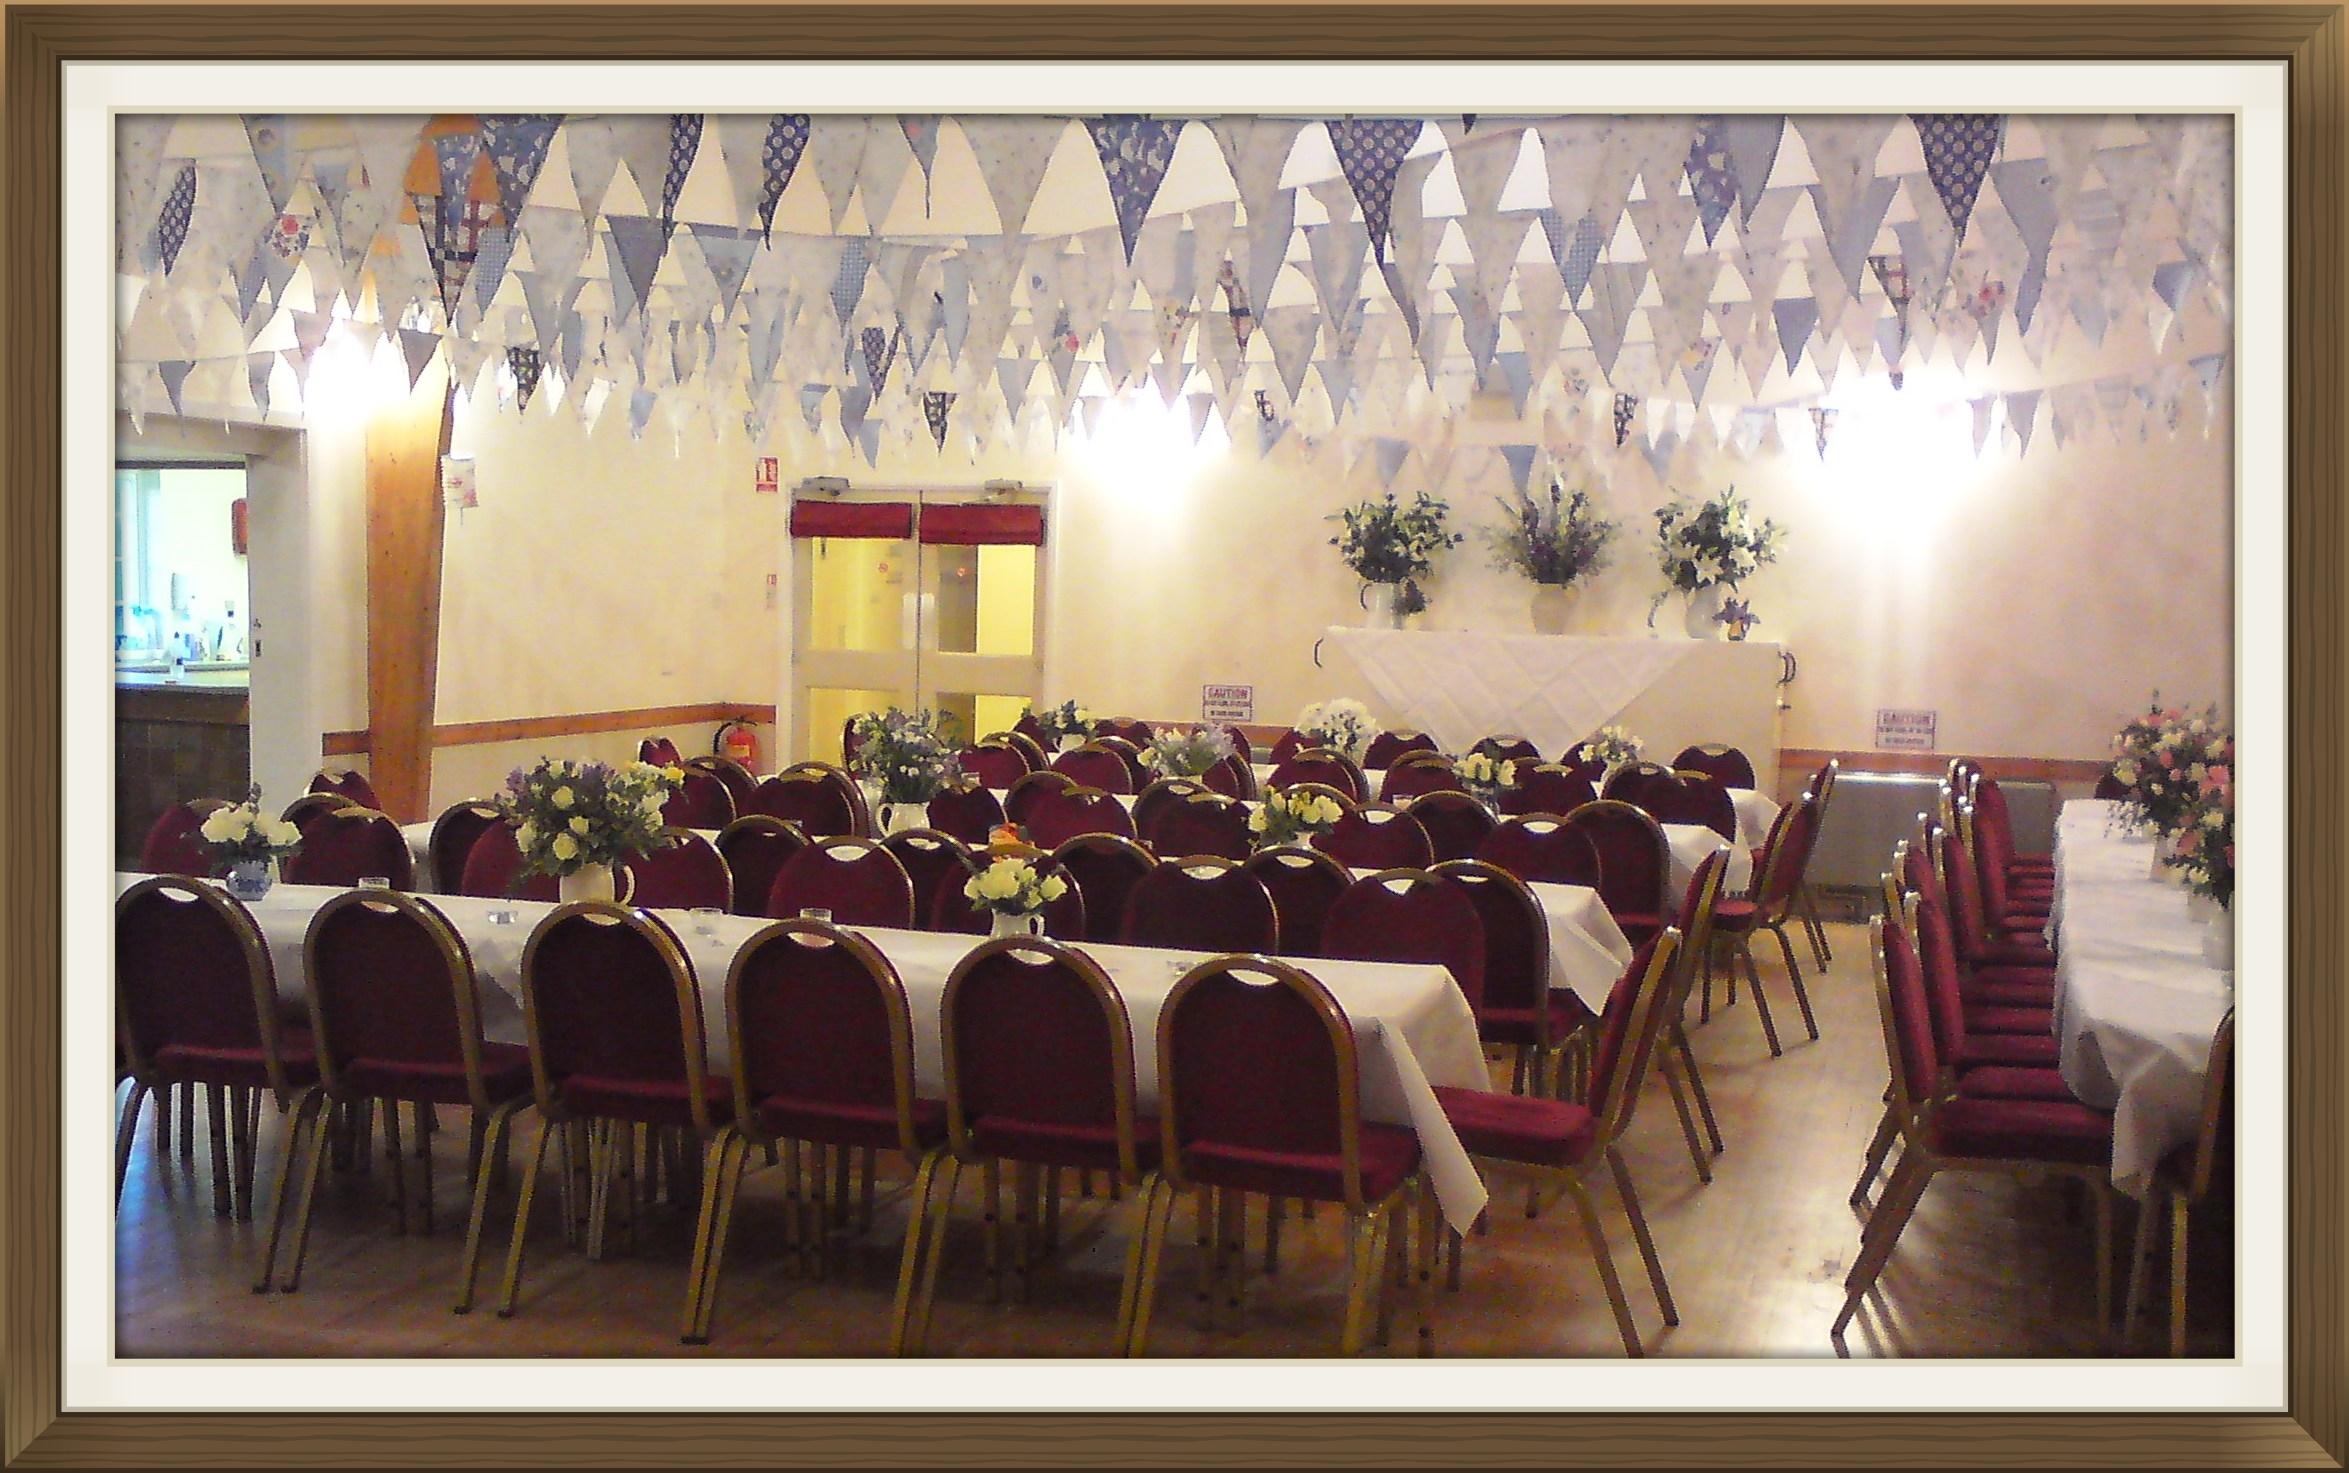 Village hall function venue